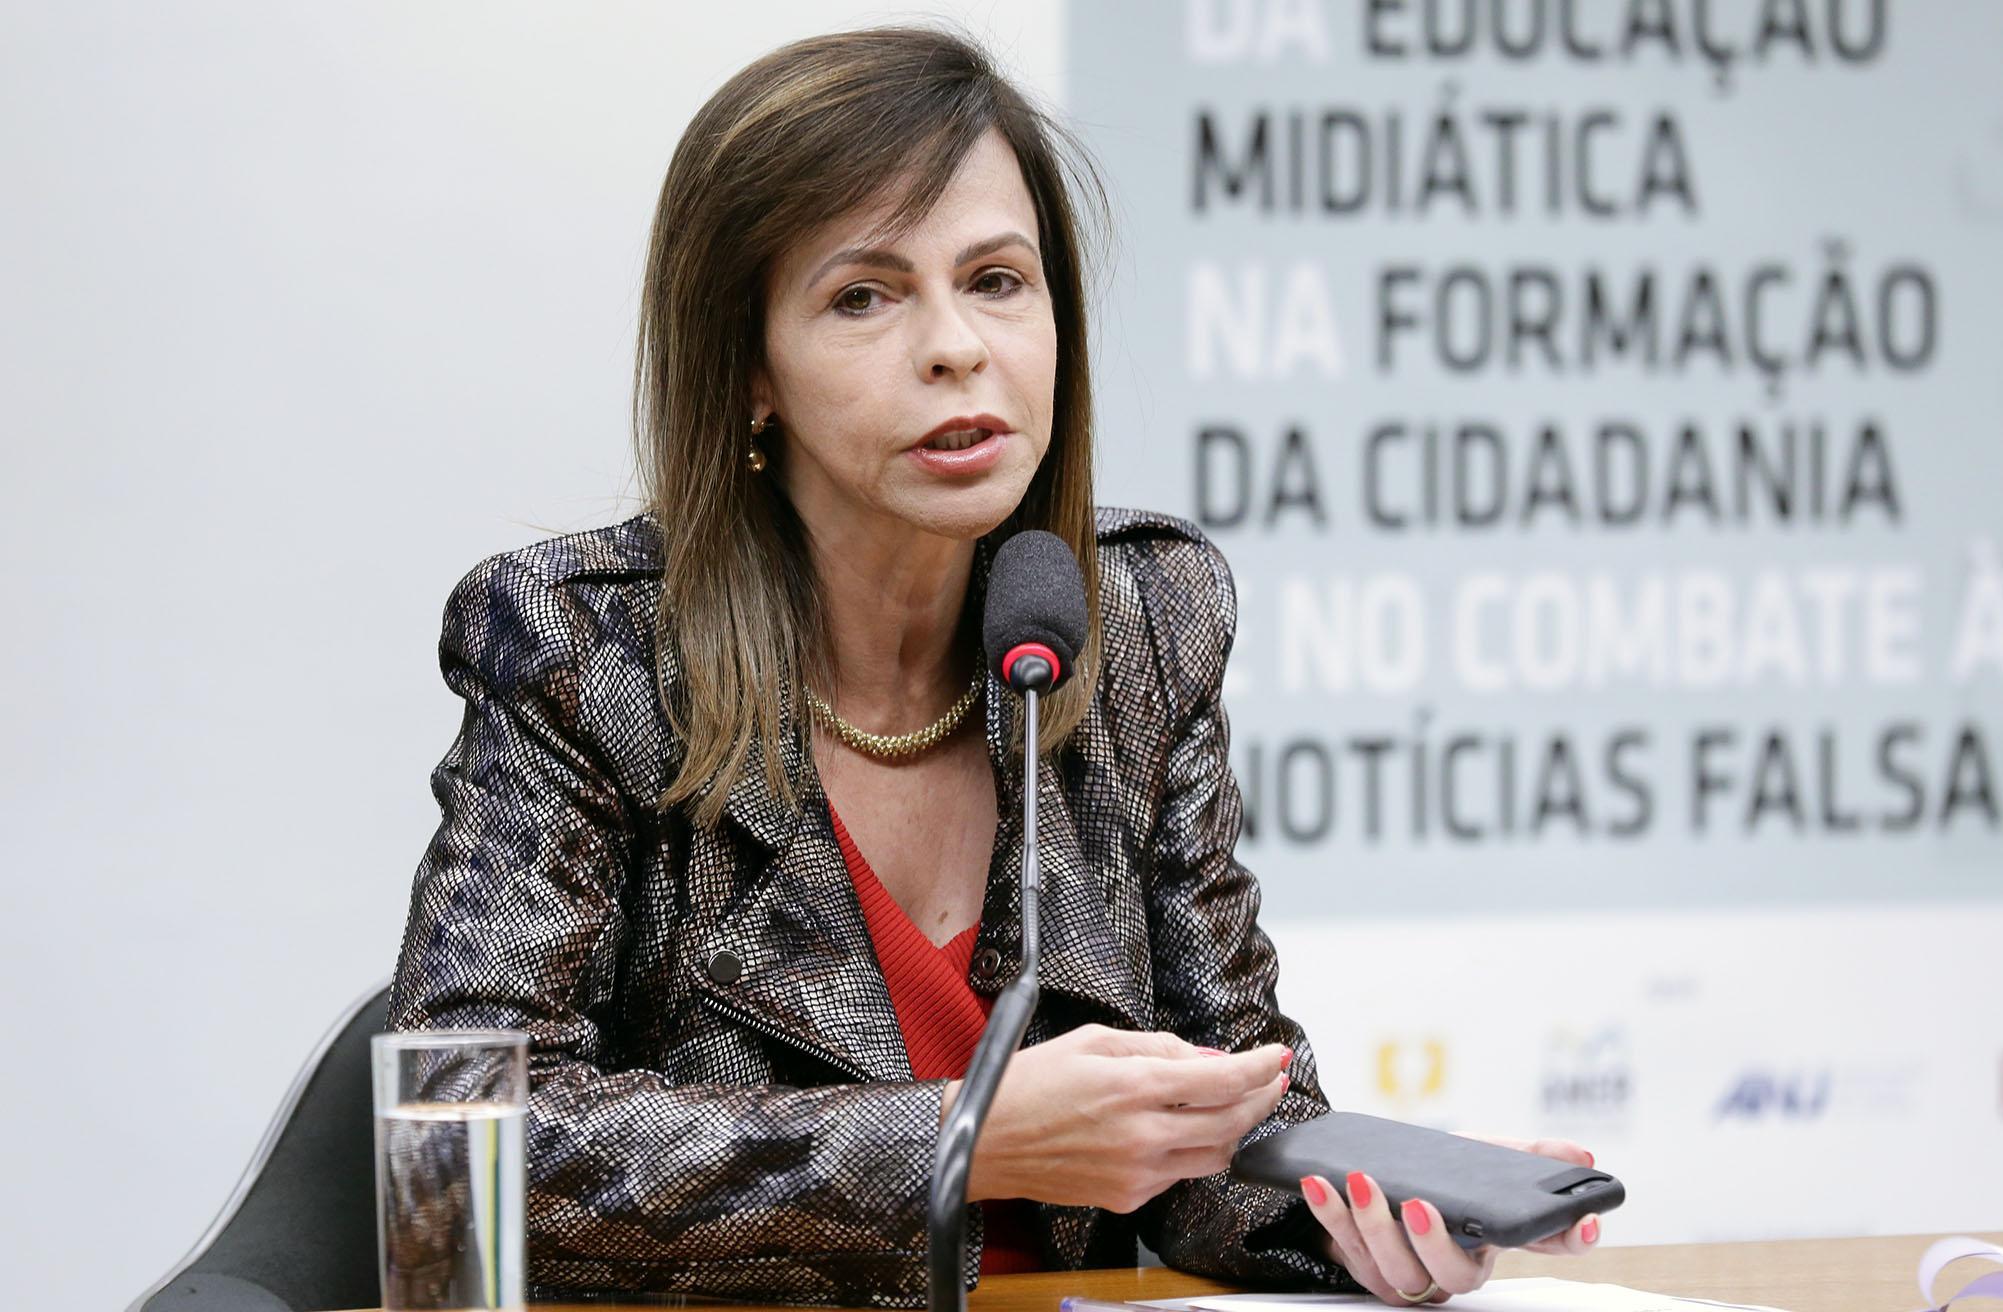 Conferência Legislativa sobre Liberdade de Expressão - 12ª edição. Dep. Professora Dorinha Seabra Rezende (DEM - TO)